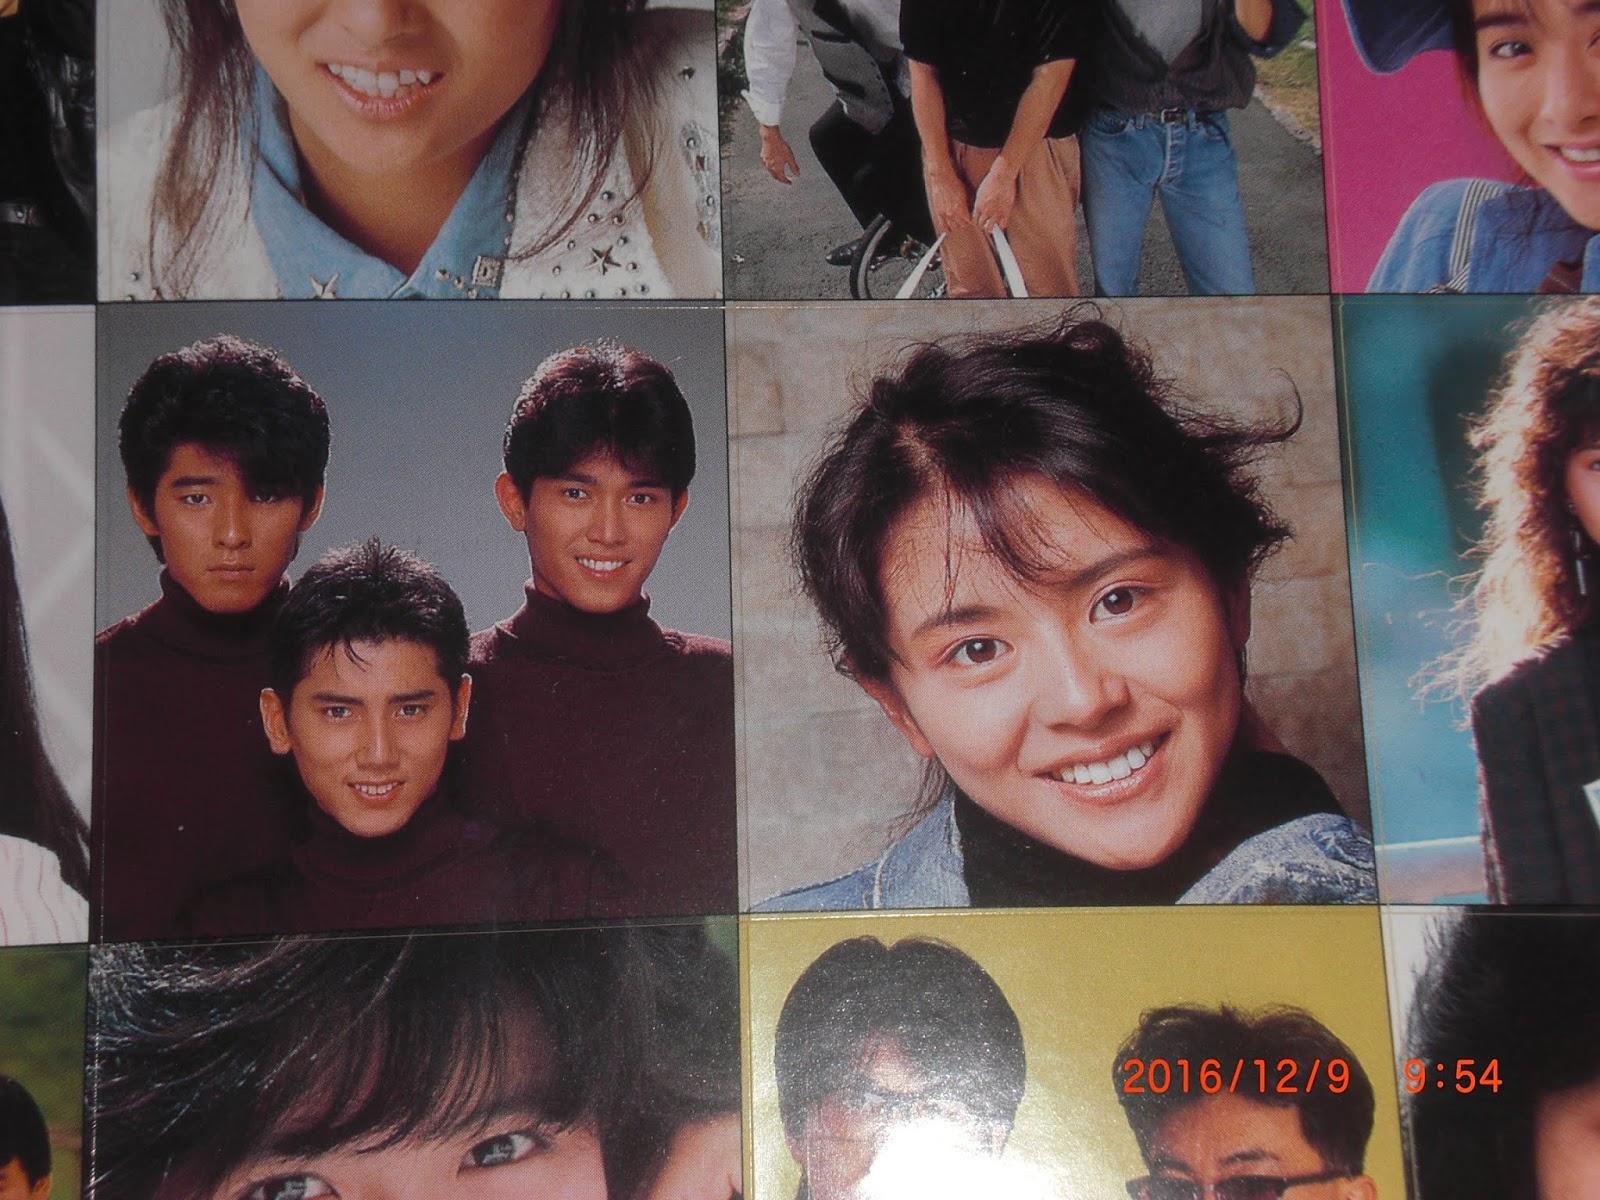 Miho Nishida (b. 1992) Miho Nishida (b. 1992) new images